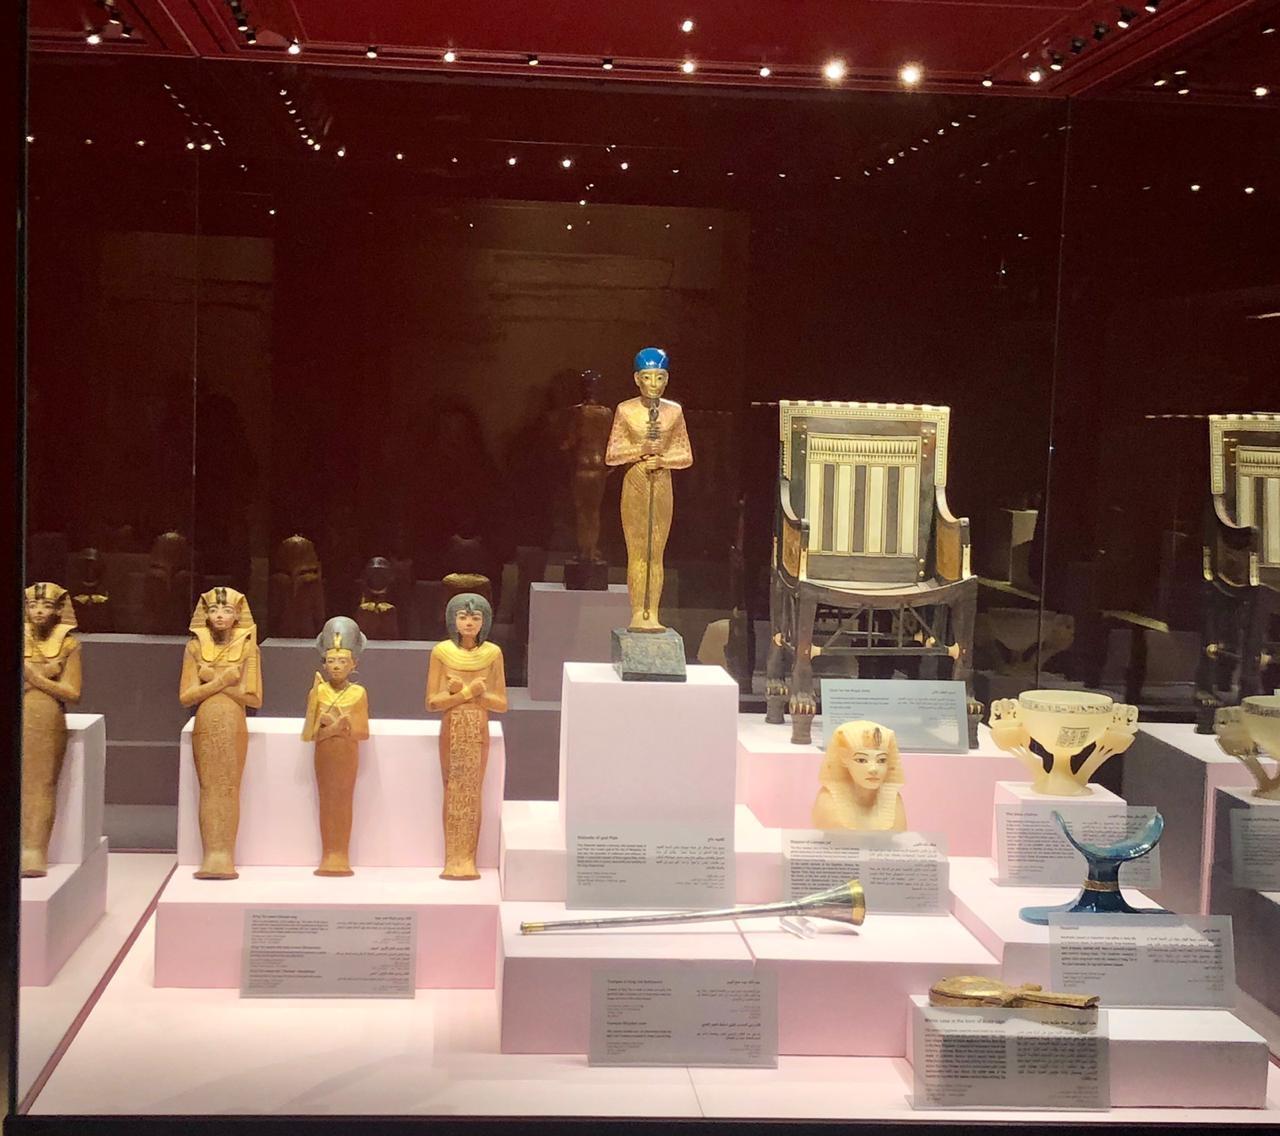 وزير السياحة والآثار يتفقد المعرض المؤقت لبعض كنوز الملك توت عنخ آمون3